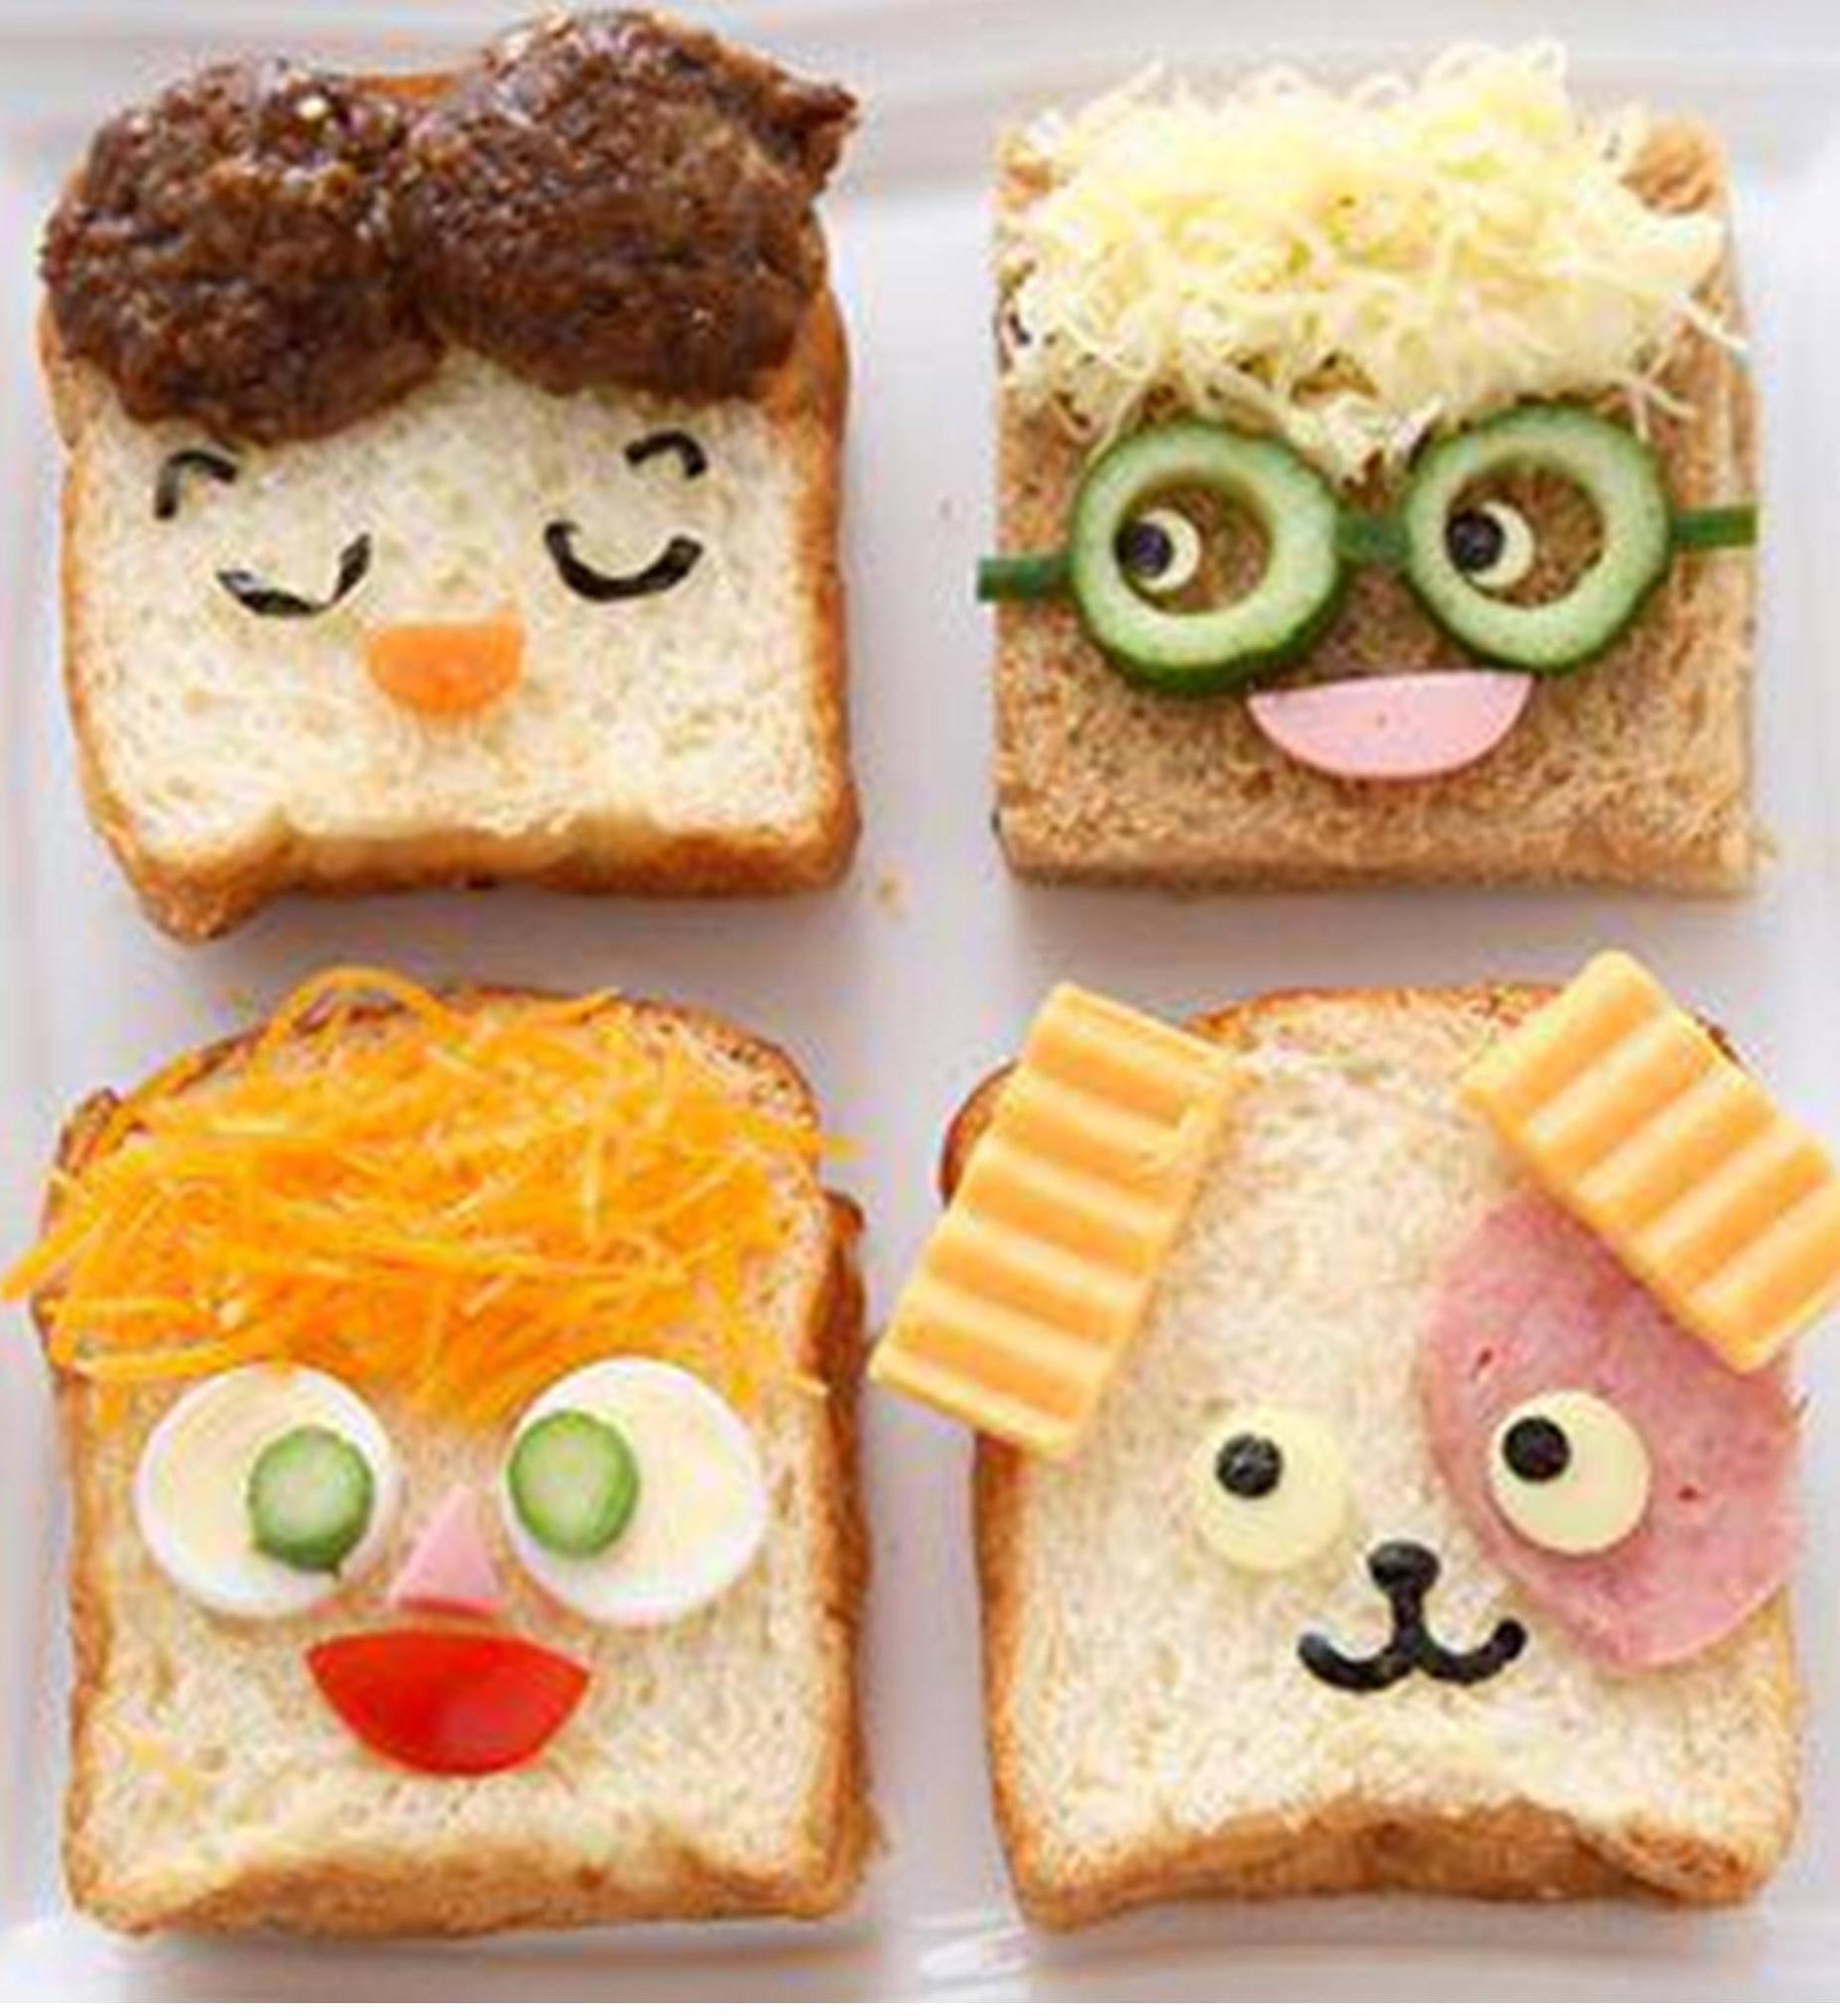 Рецепты для ребенка 2 года как в детском саду на завтрак, обед, ужин, в мультиварке. состав, как готовить, фото блюд